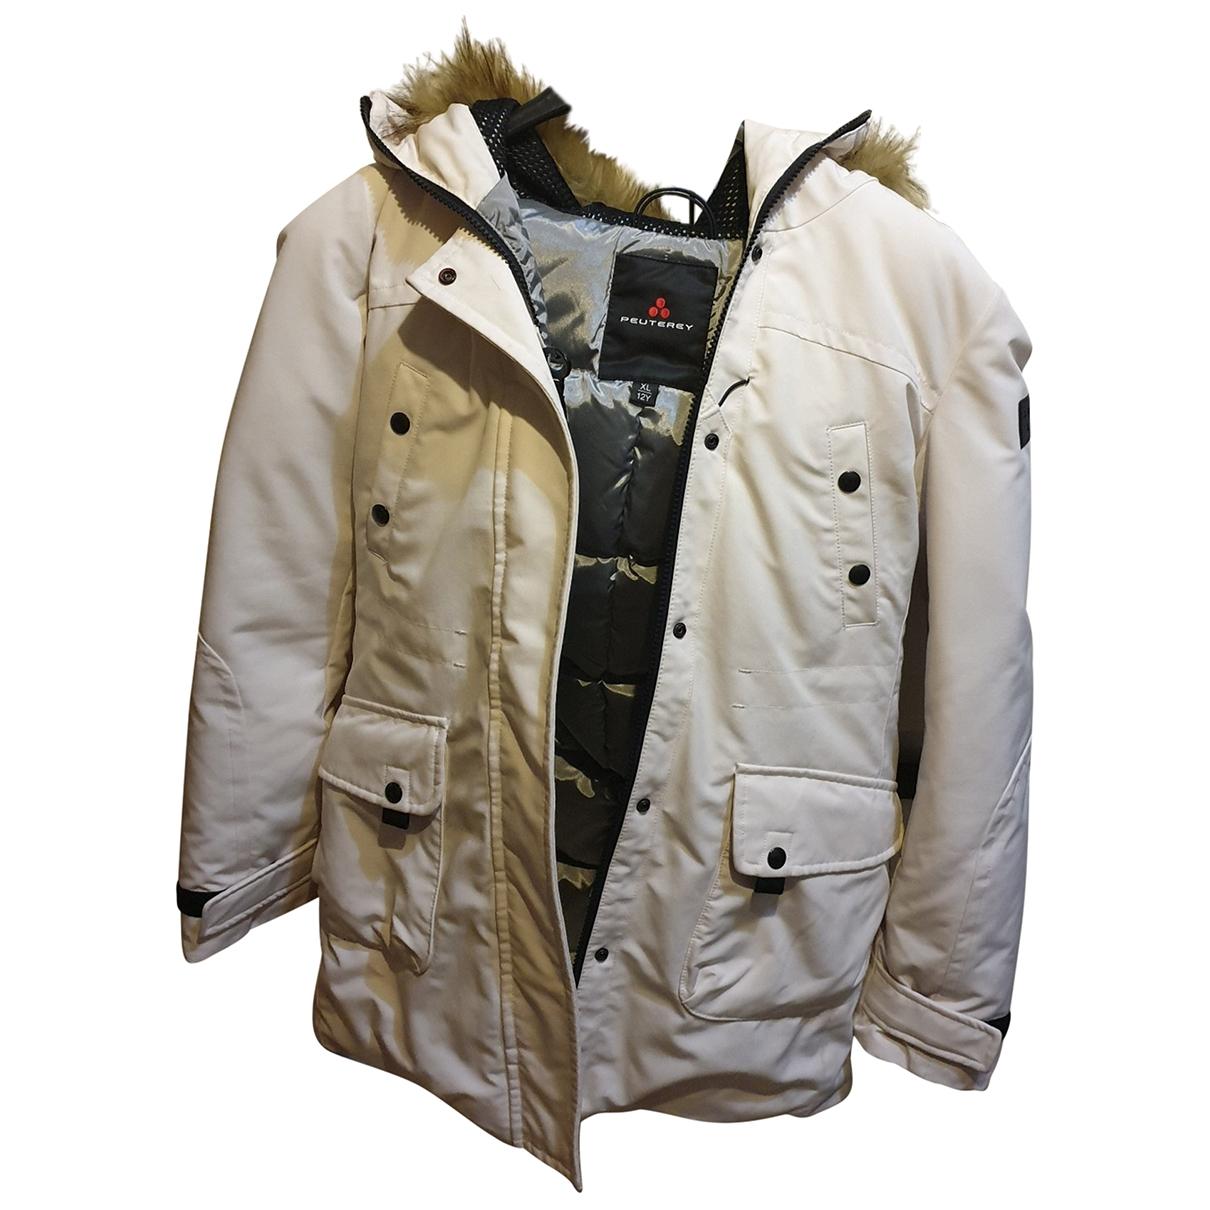 Peuterey - Blousons.Manteaux   pour enfant - blanc